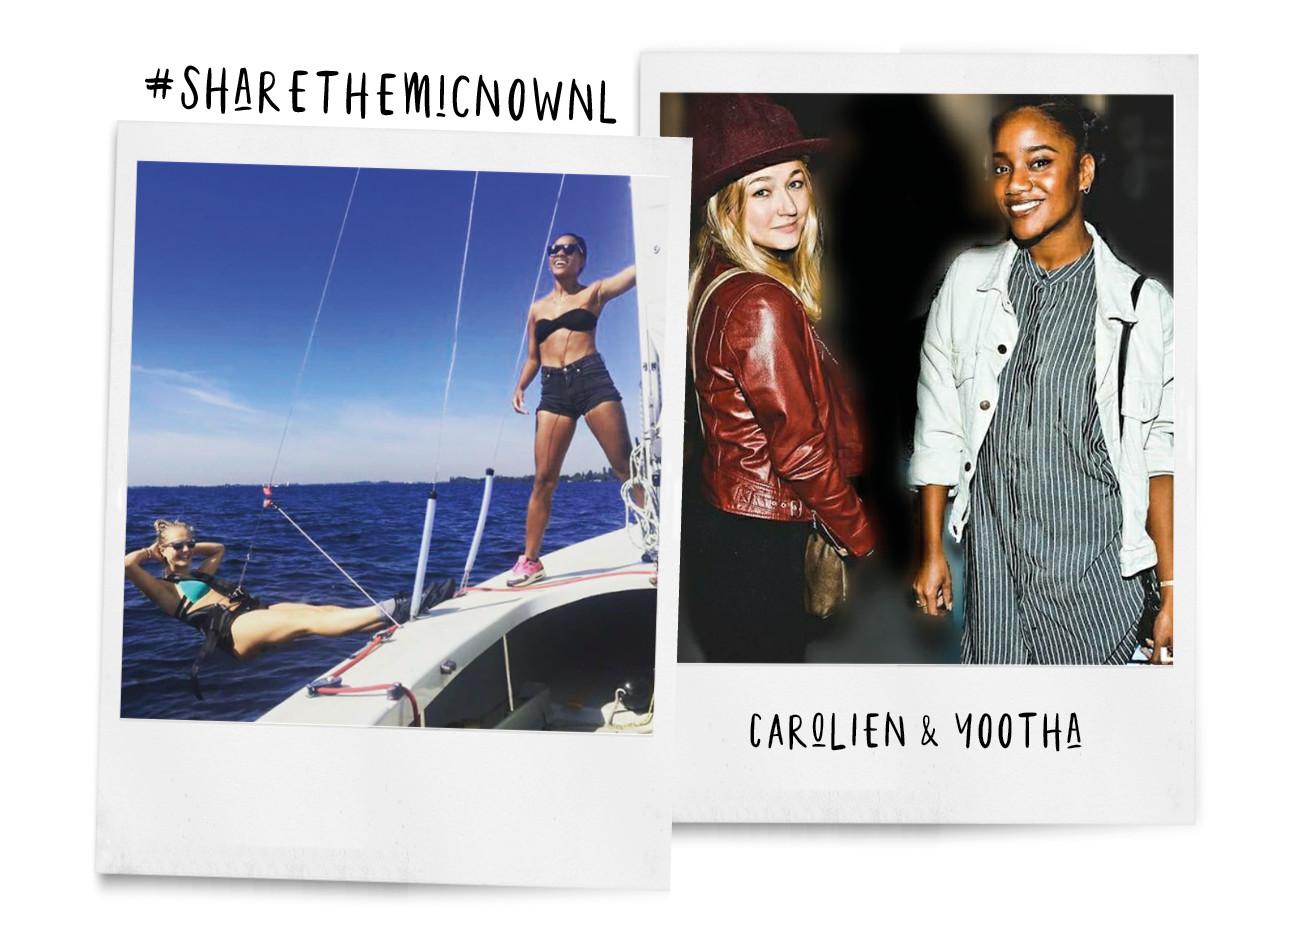 carolien-spoor-sharethemicnownl-Yootha Wong-Loi-Sing